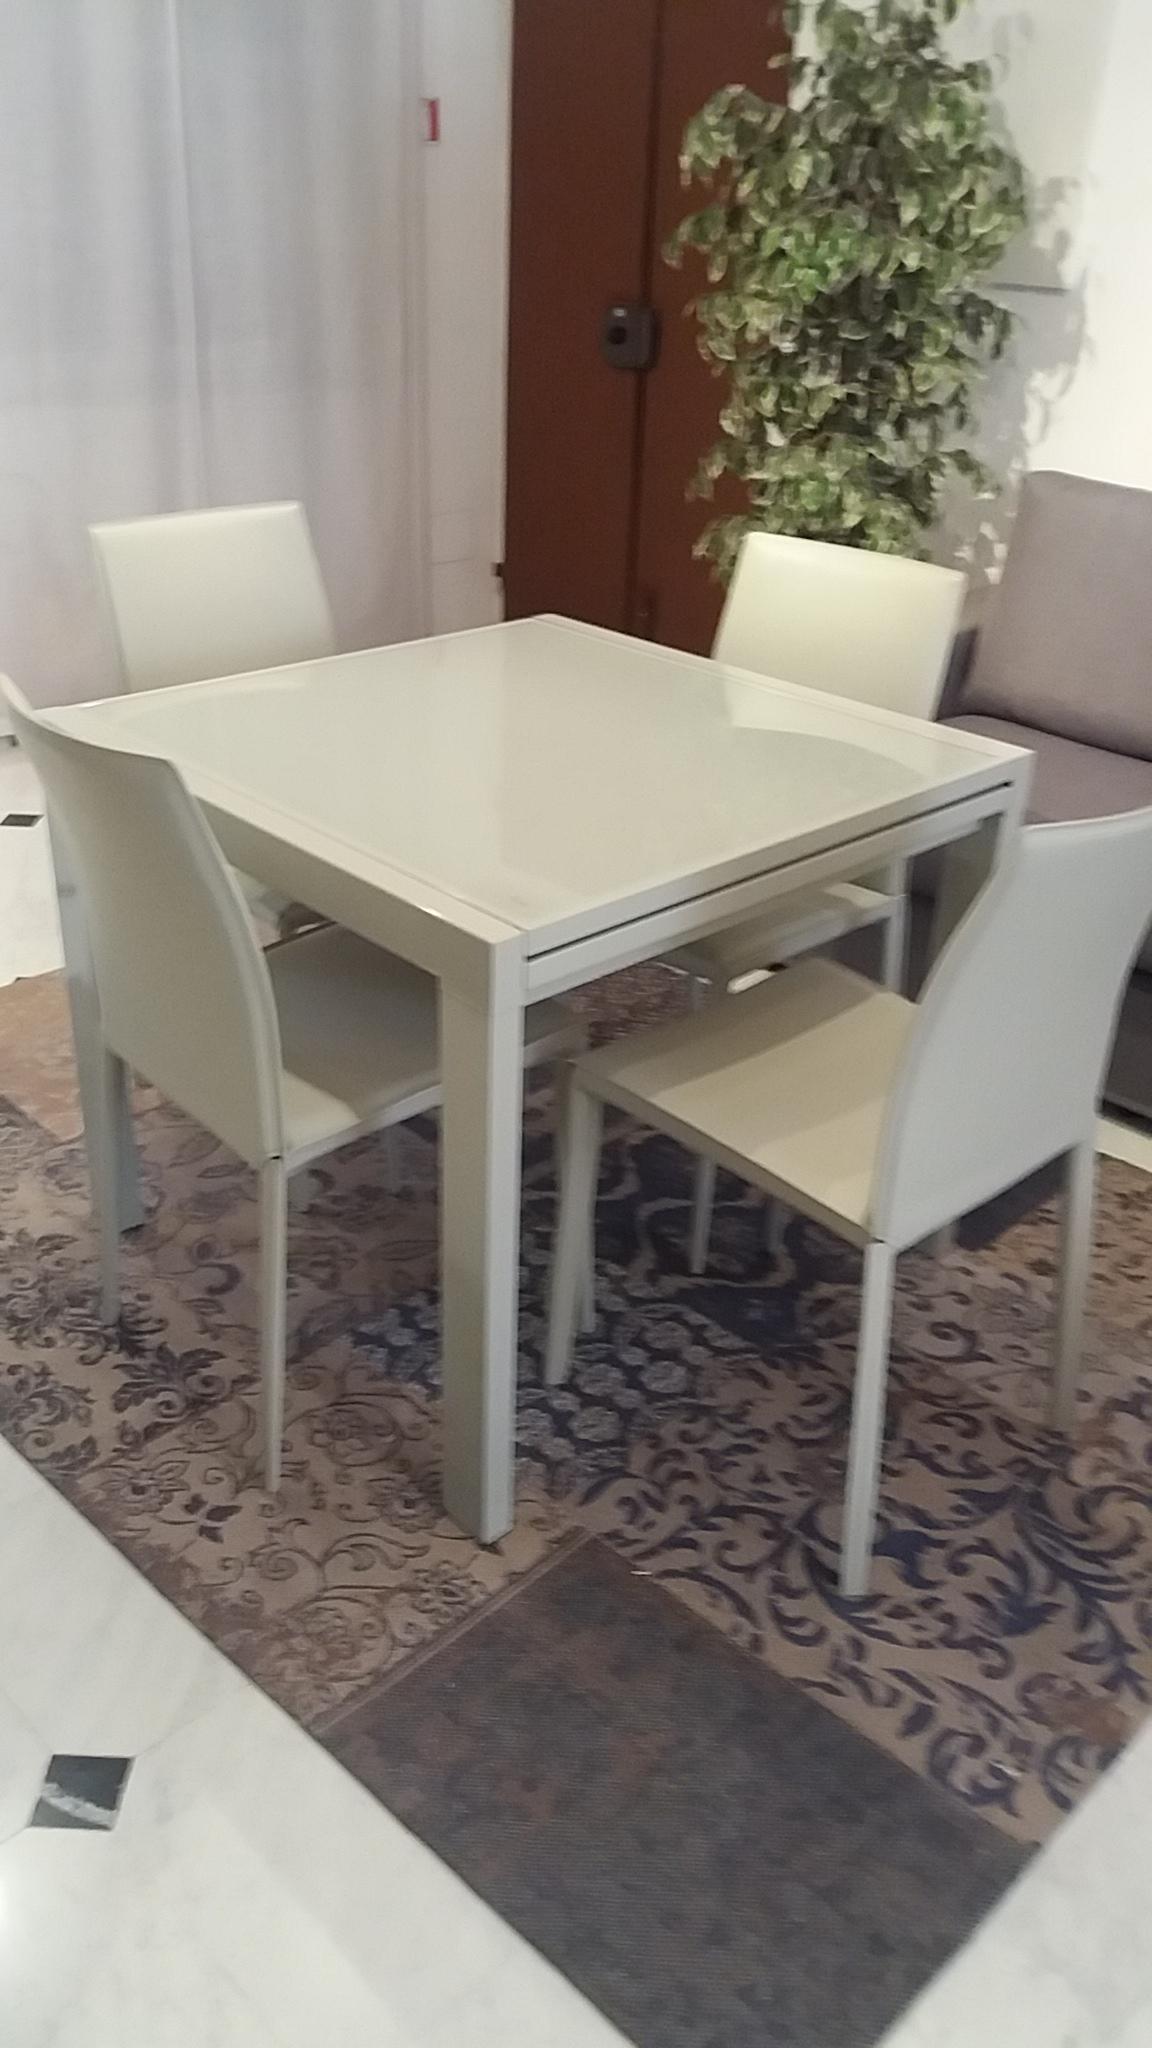 Ikea Tavoli E Sedie Cucina.Tavoli In Plexiglass Ikea Tavoli Vetro Ikea Tavolo In Vetro Ikea